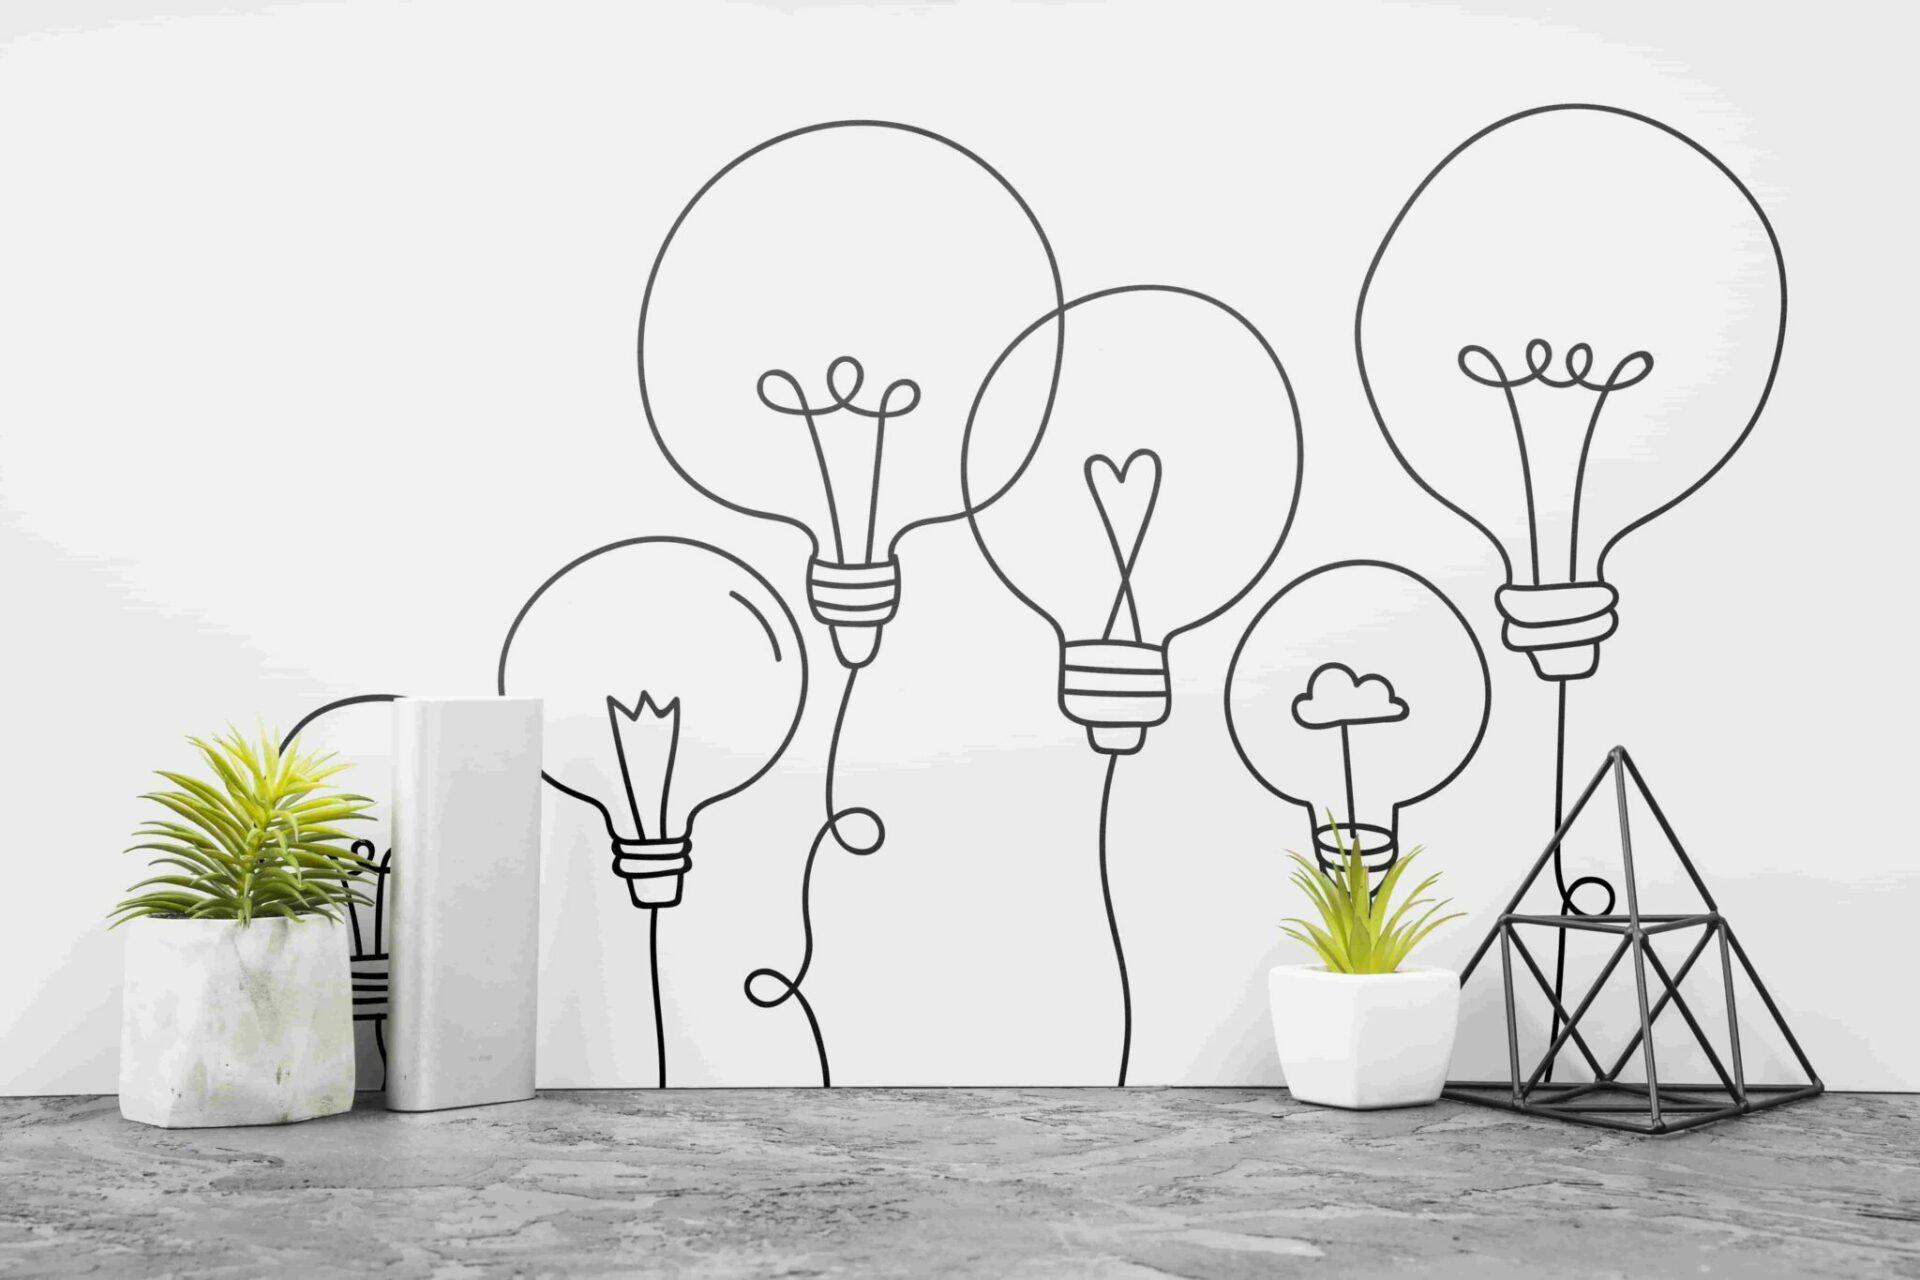 comment faire connaitre sa startup